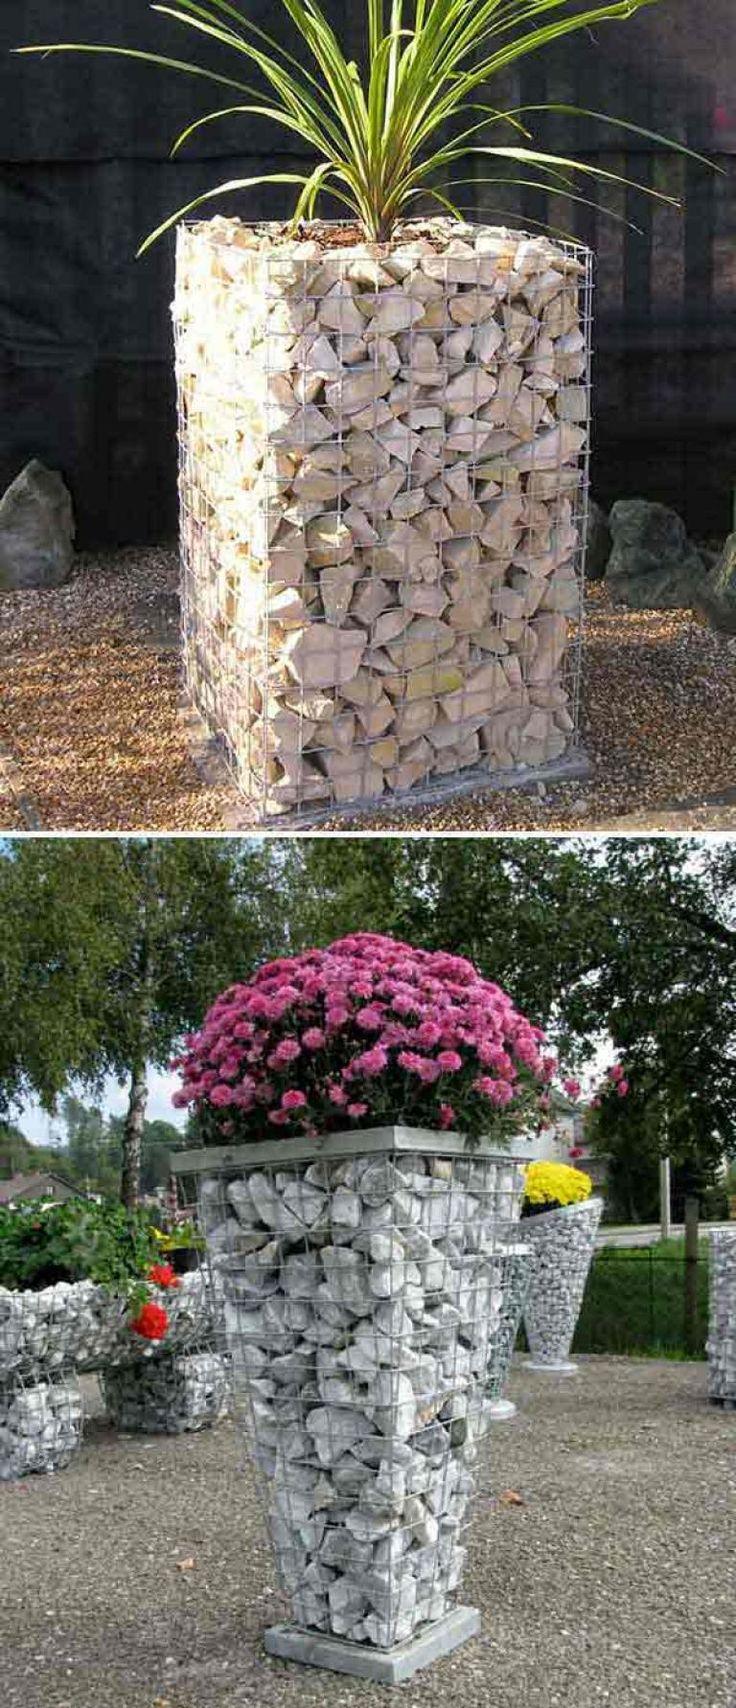 Best Practical Gabion Design Ideas Garden Deco Outdoor 400 x 300